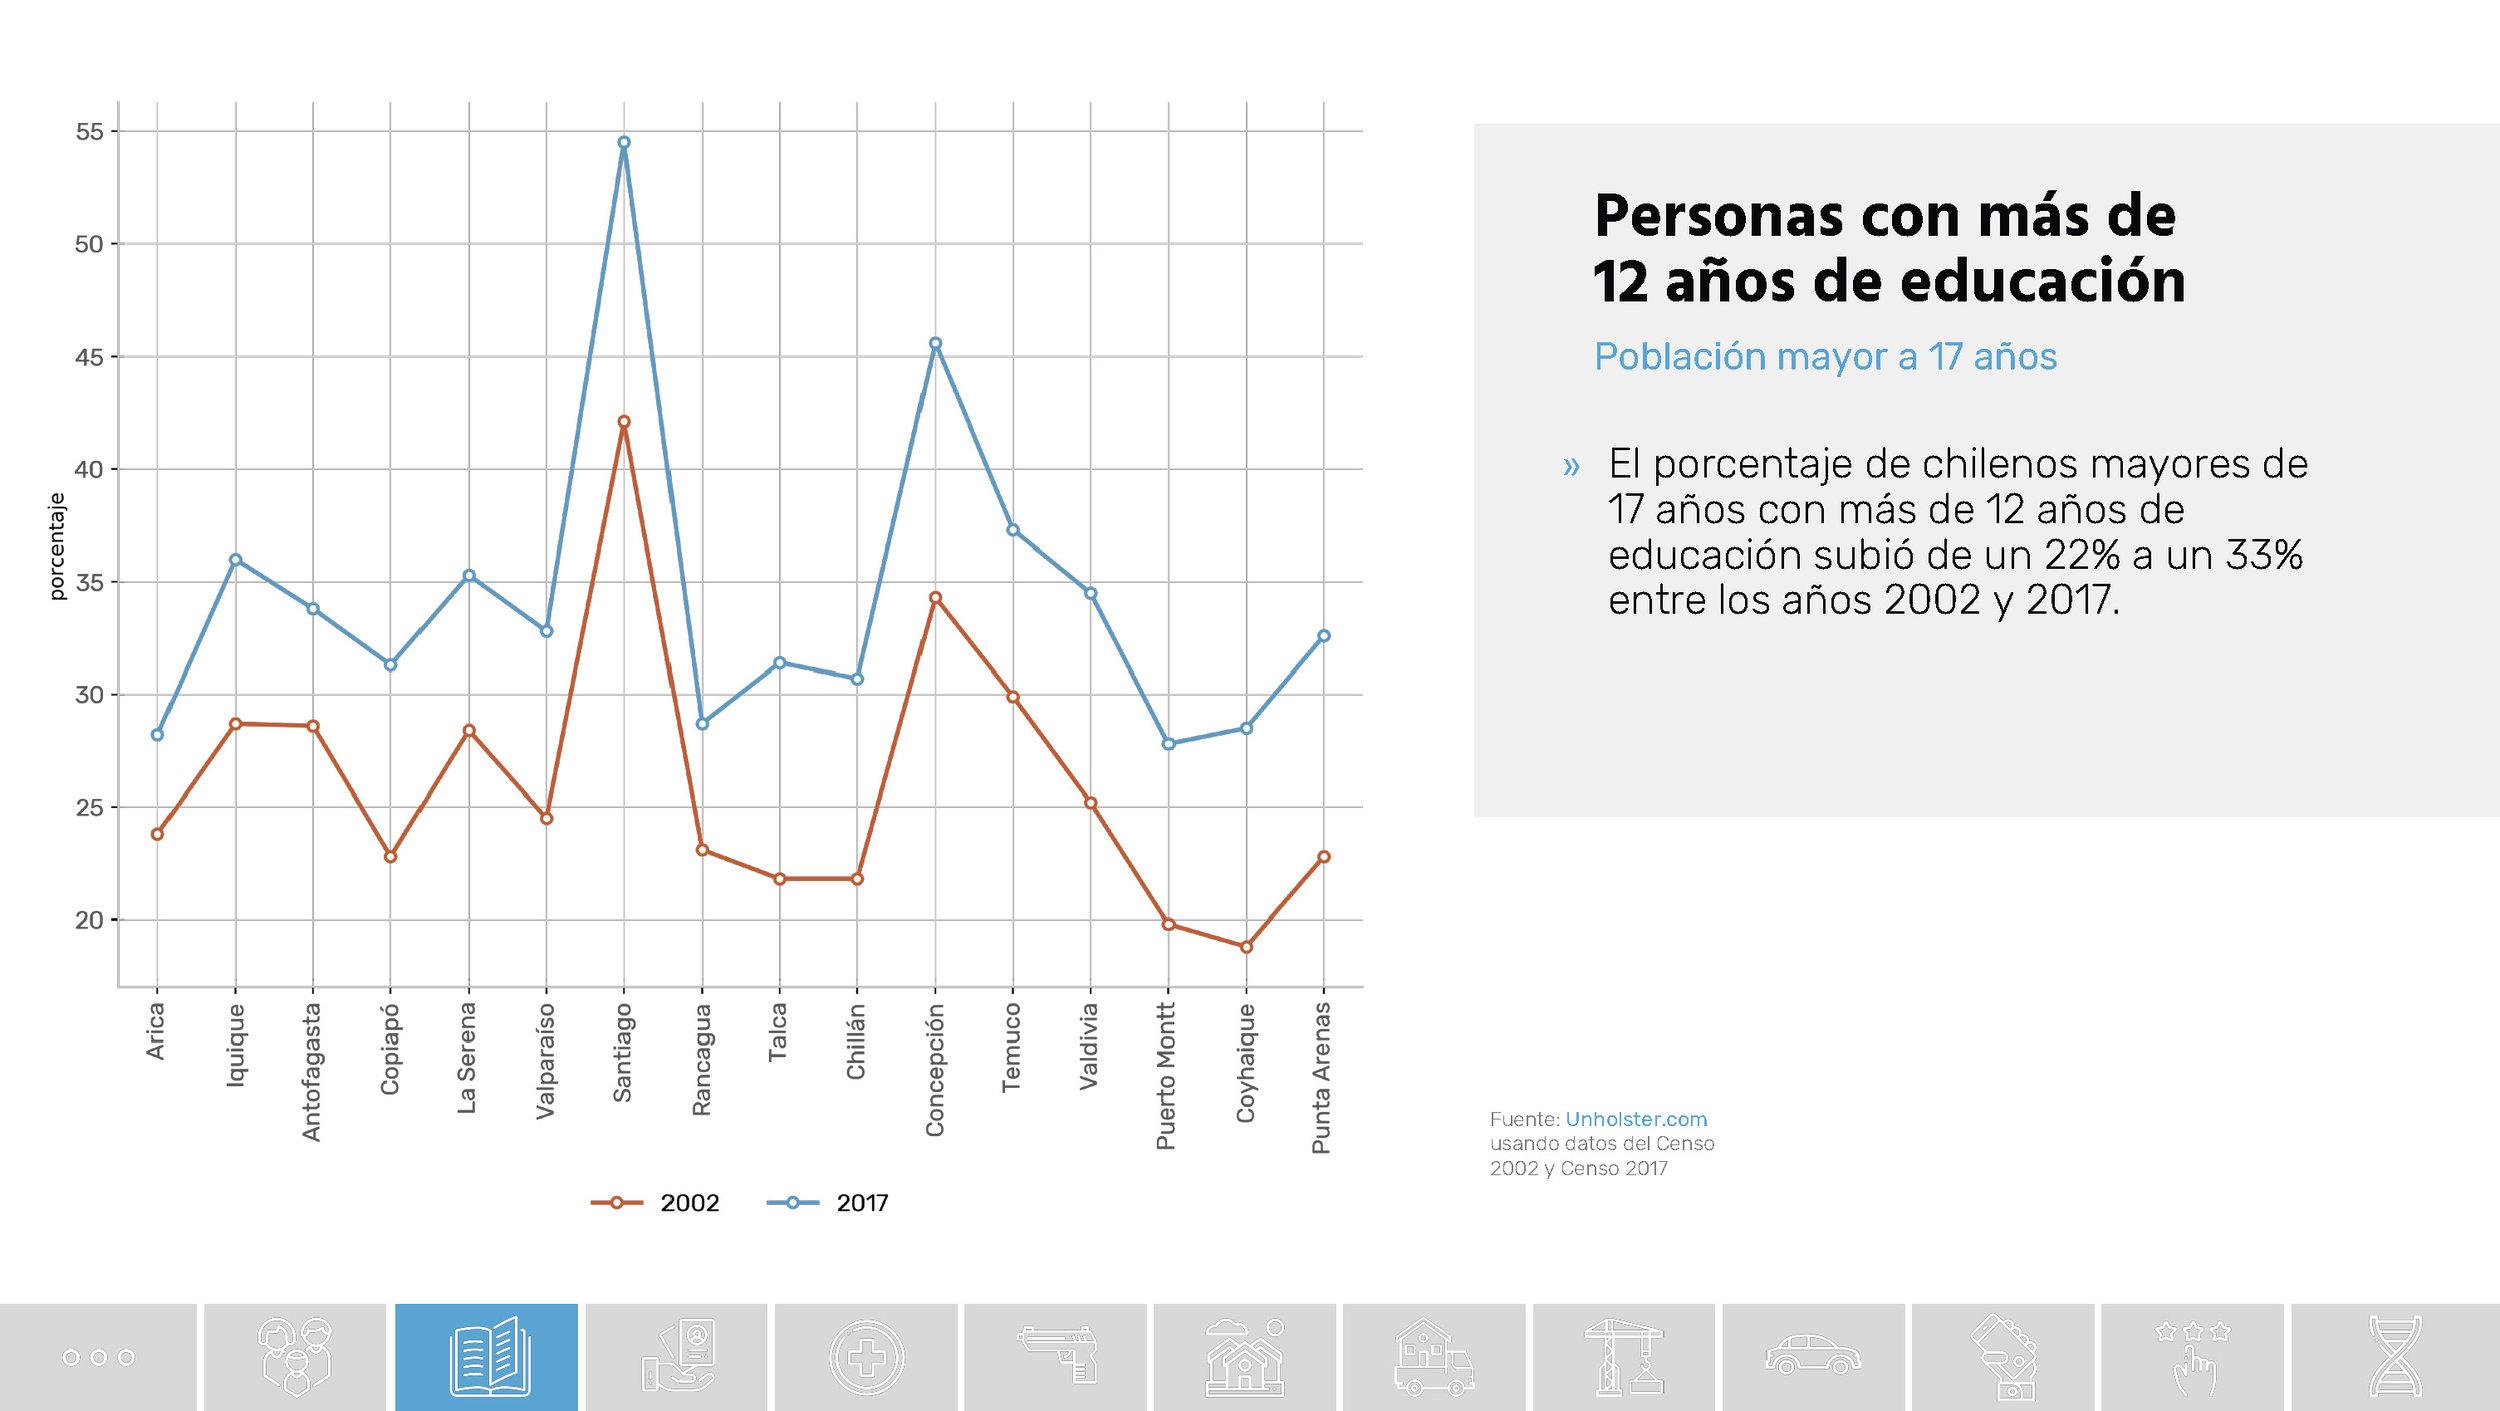 Chile_Datos de una transformacion social_Unholster_Página_20.jpg